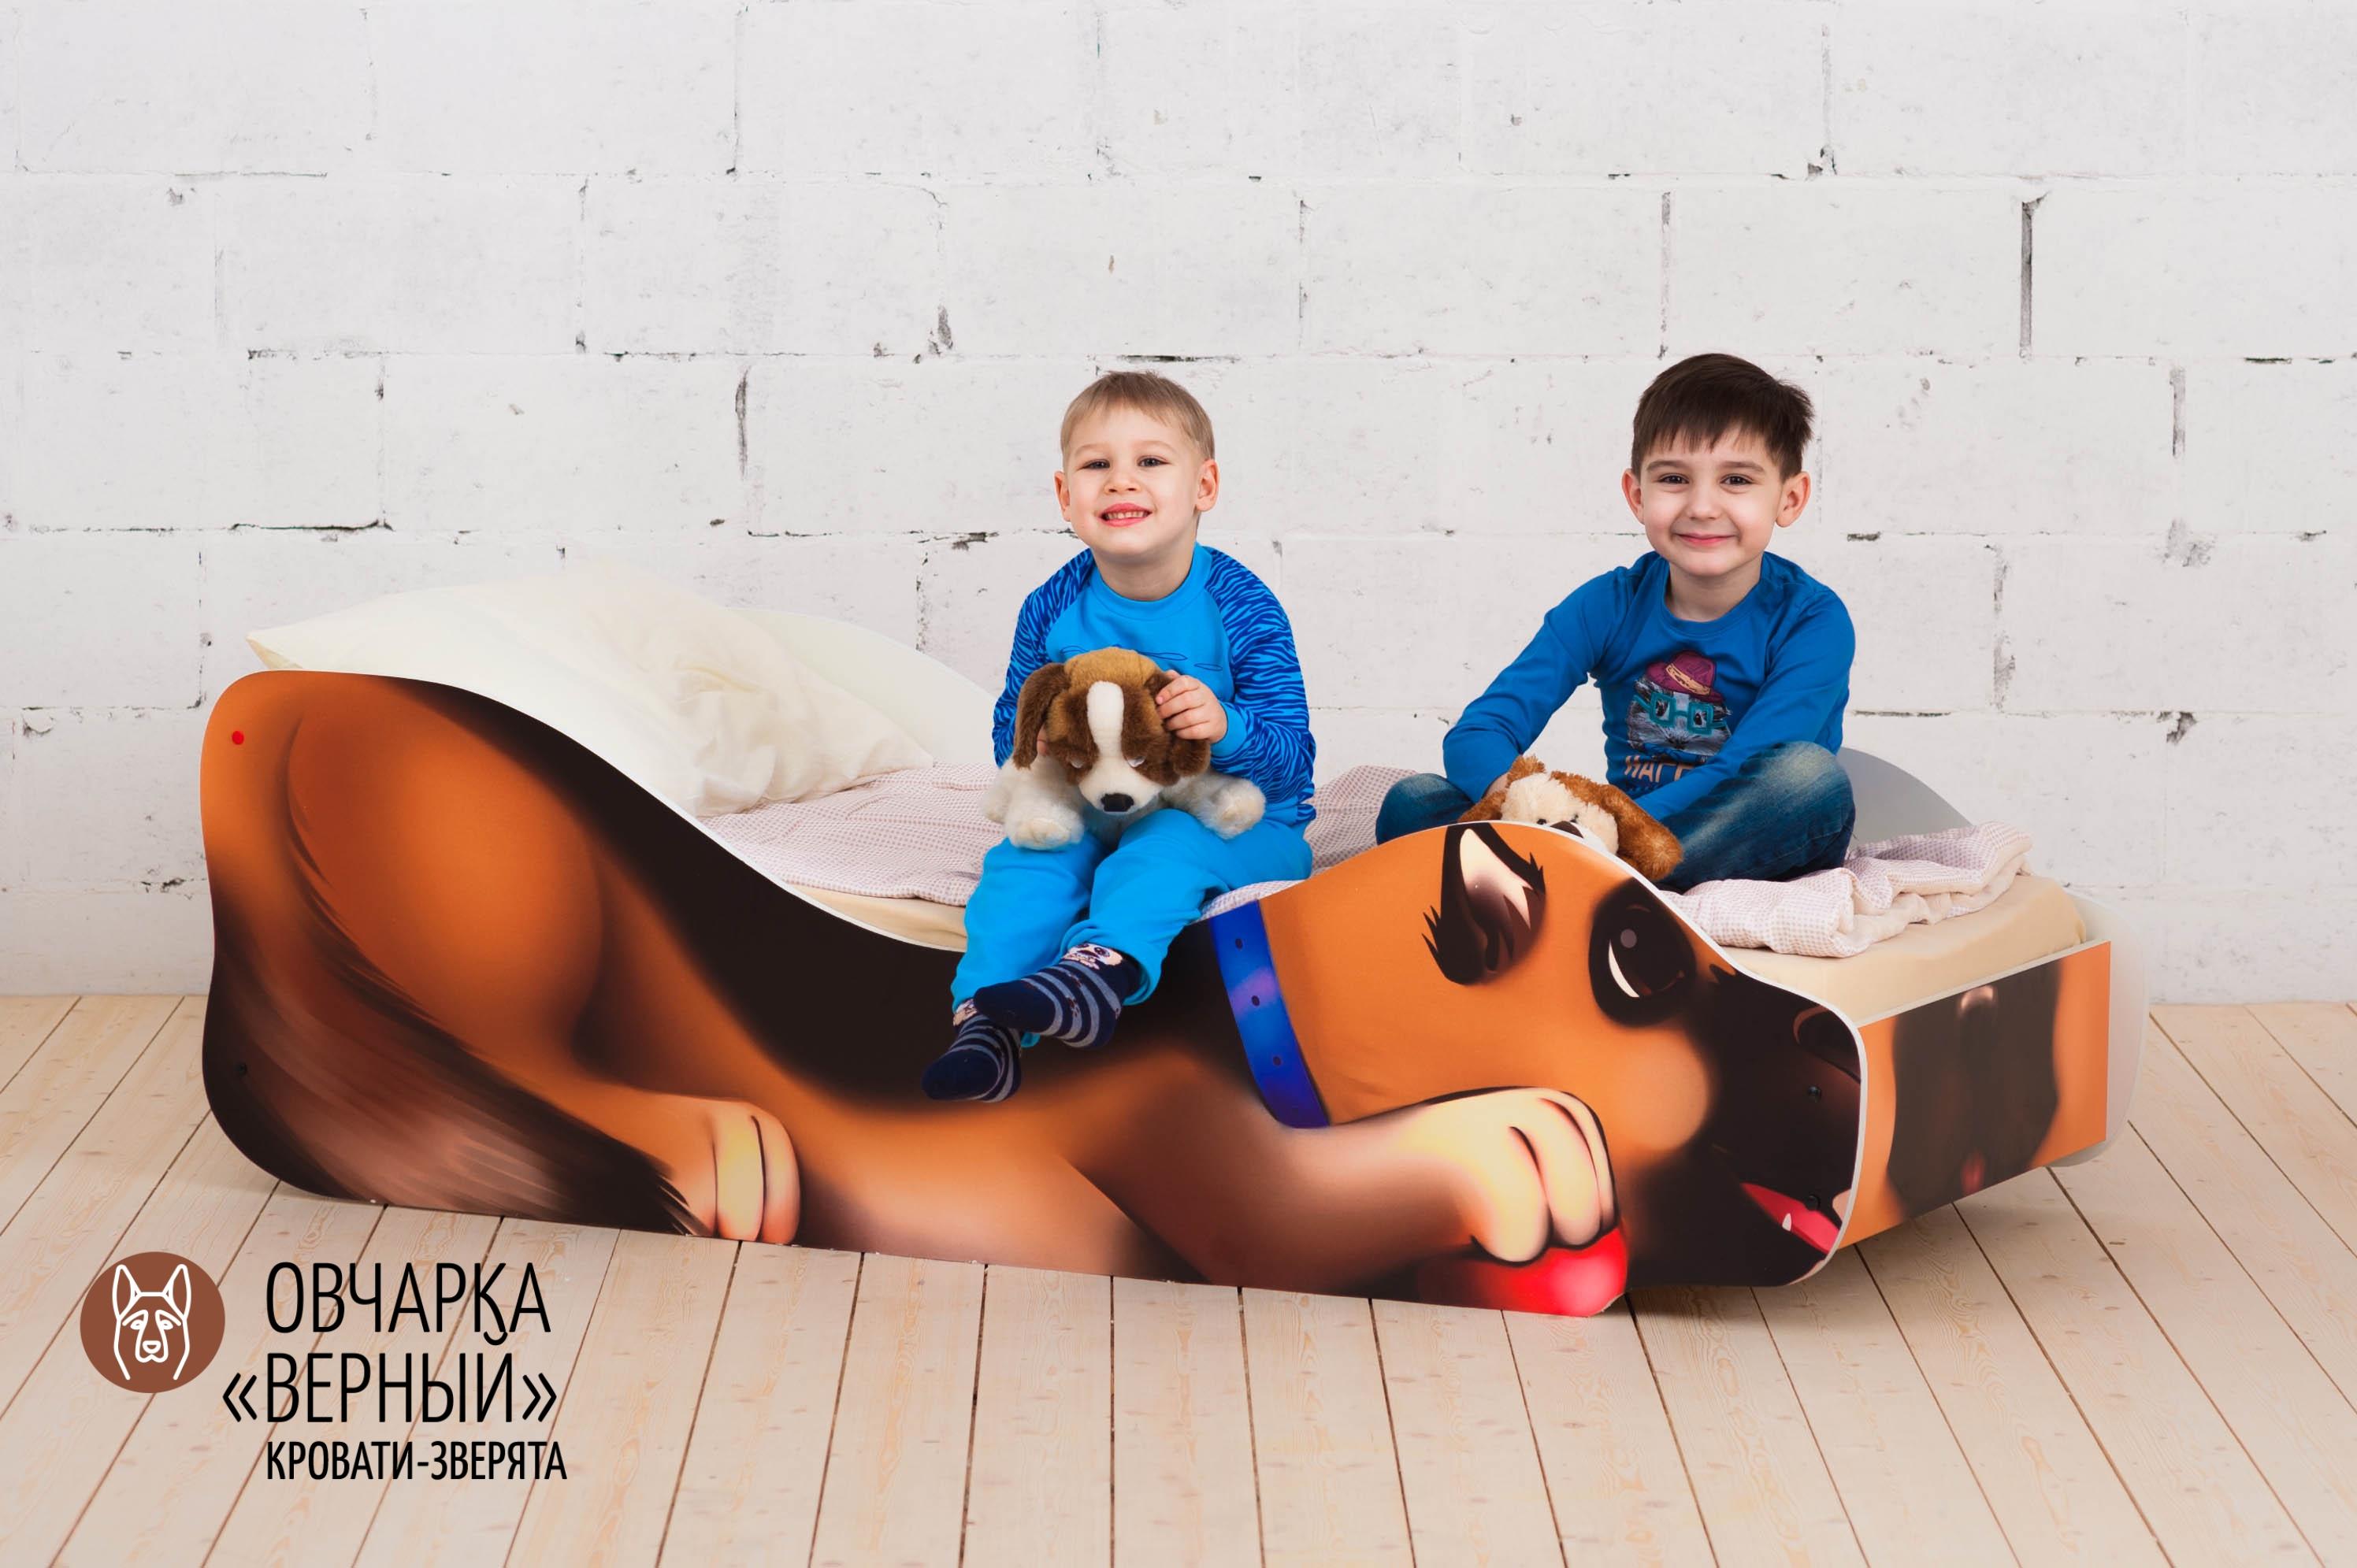 Детская кровать-зверенок -Овчарка-Верный-14